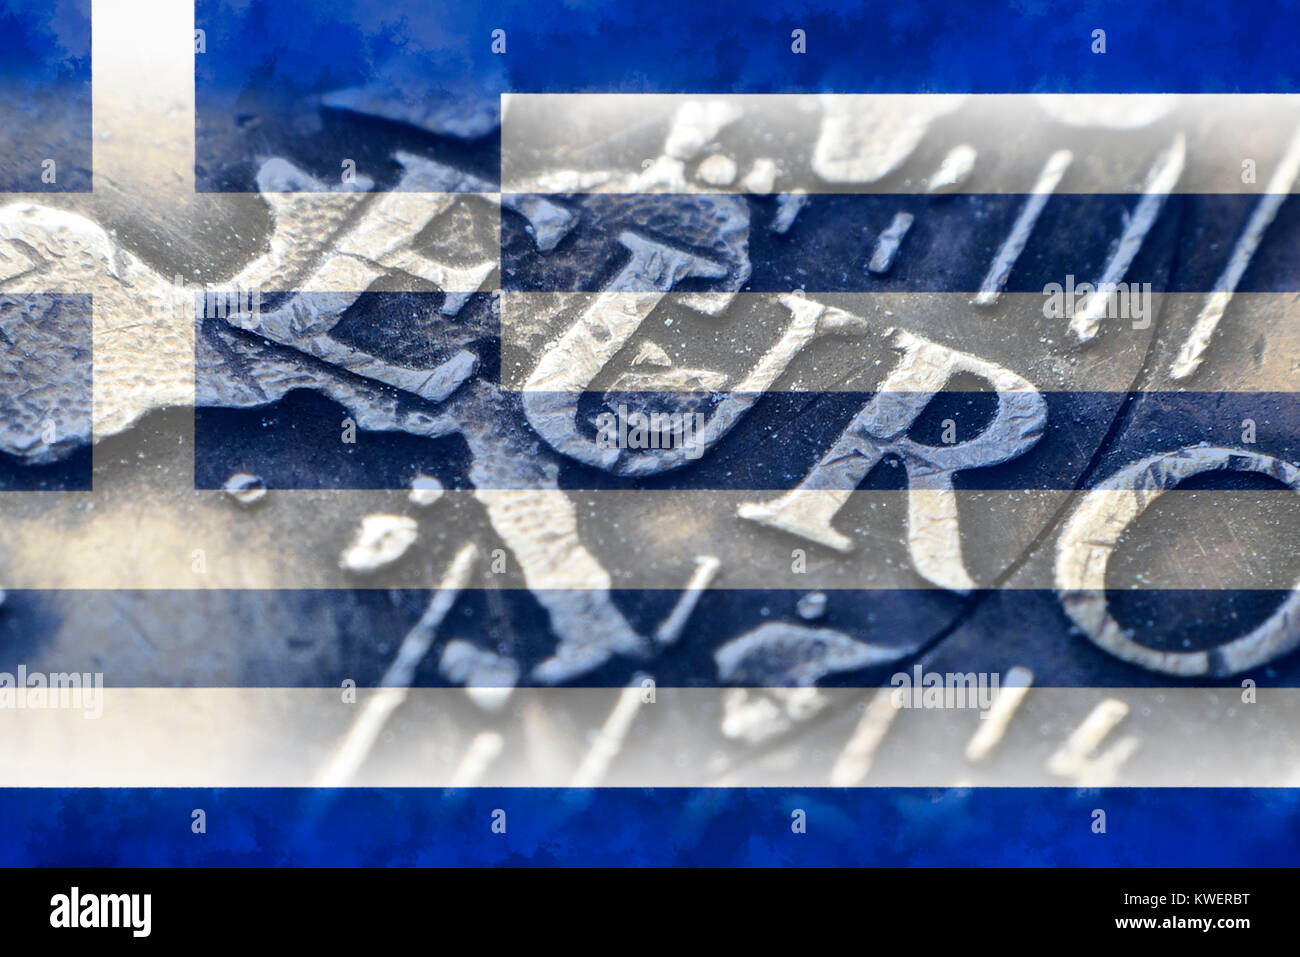 Eurocoin and flag of Greece, Greek Reparationsforderungen, Euromuenze und Fahne von Griechenland, griechische Reparationsforderungen Stock Photo